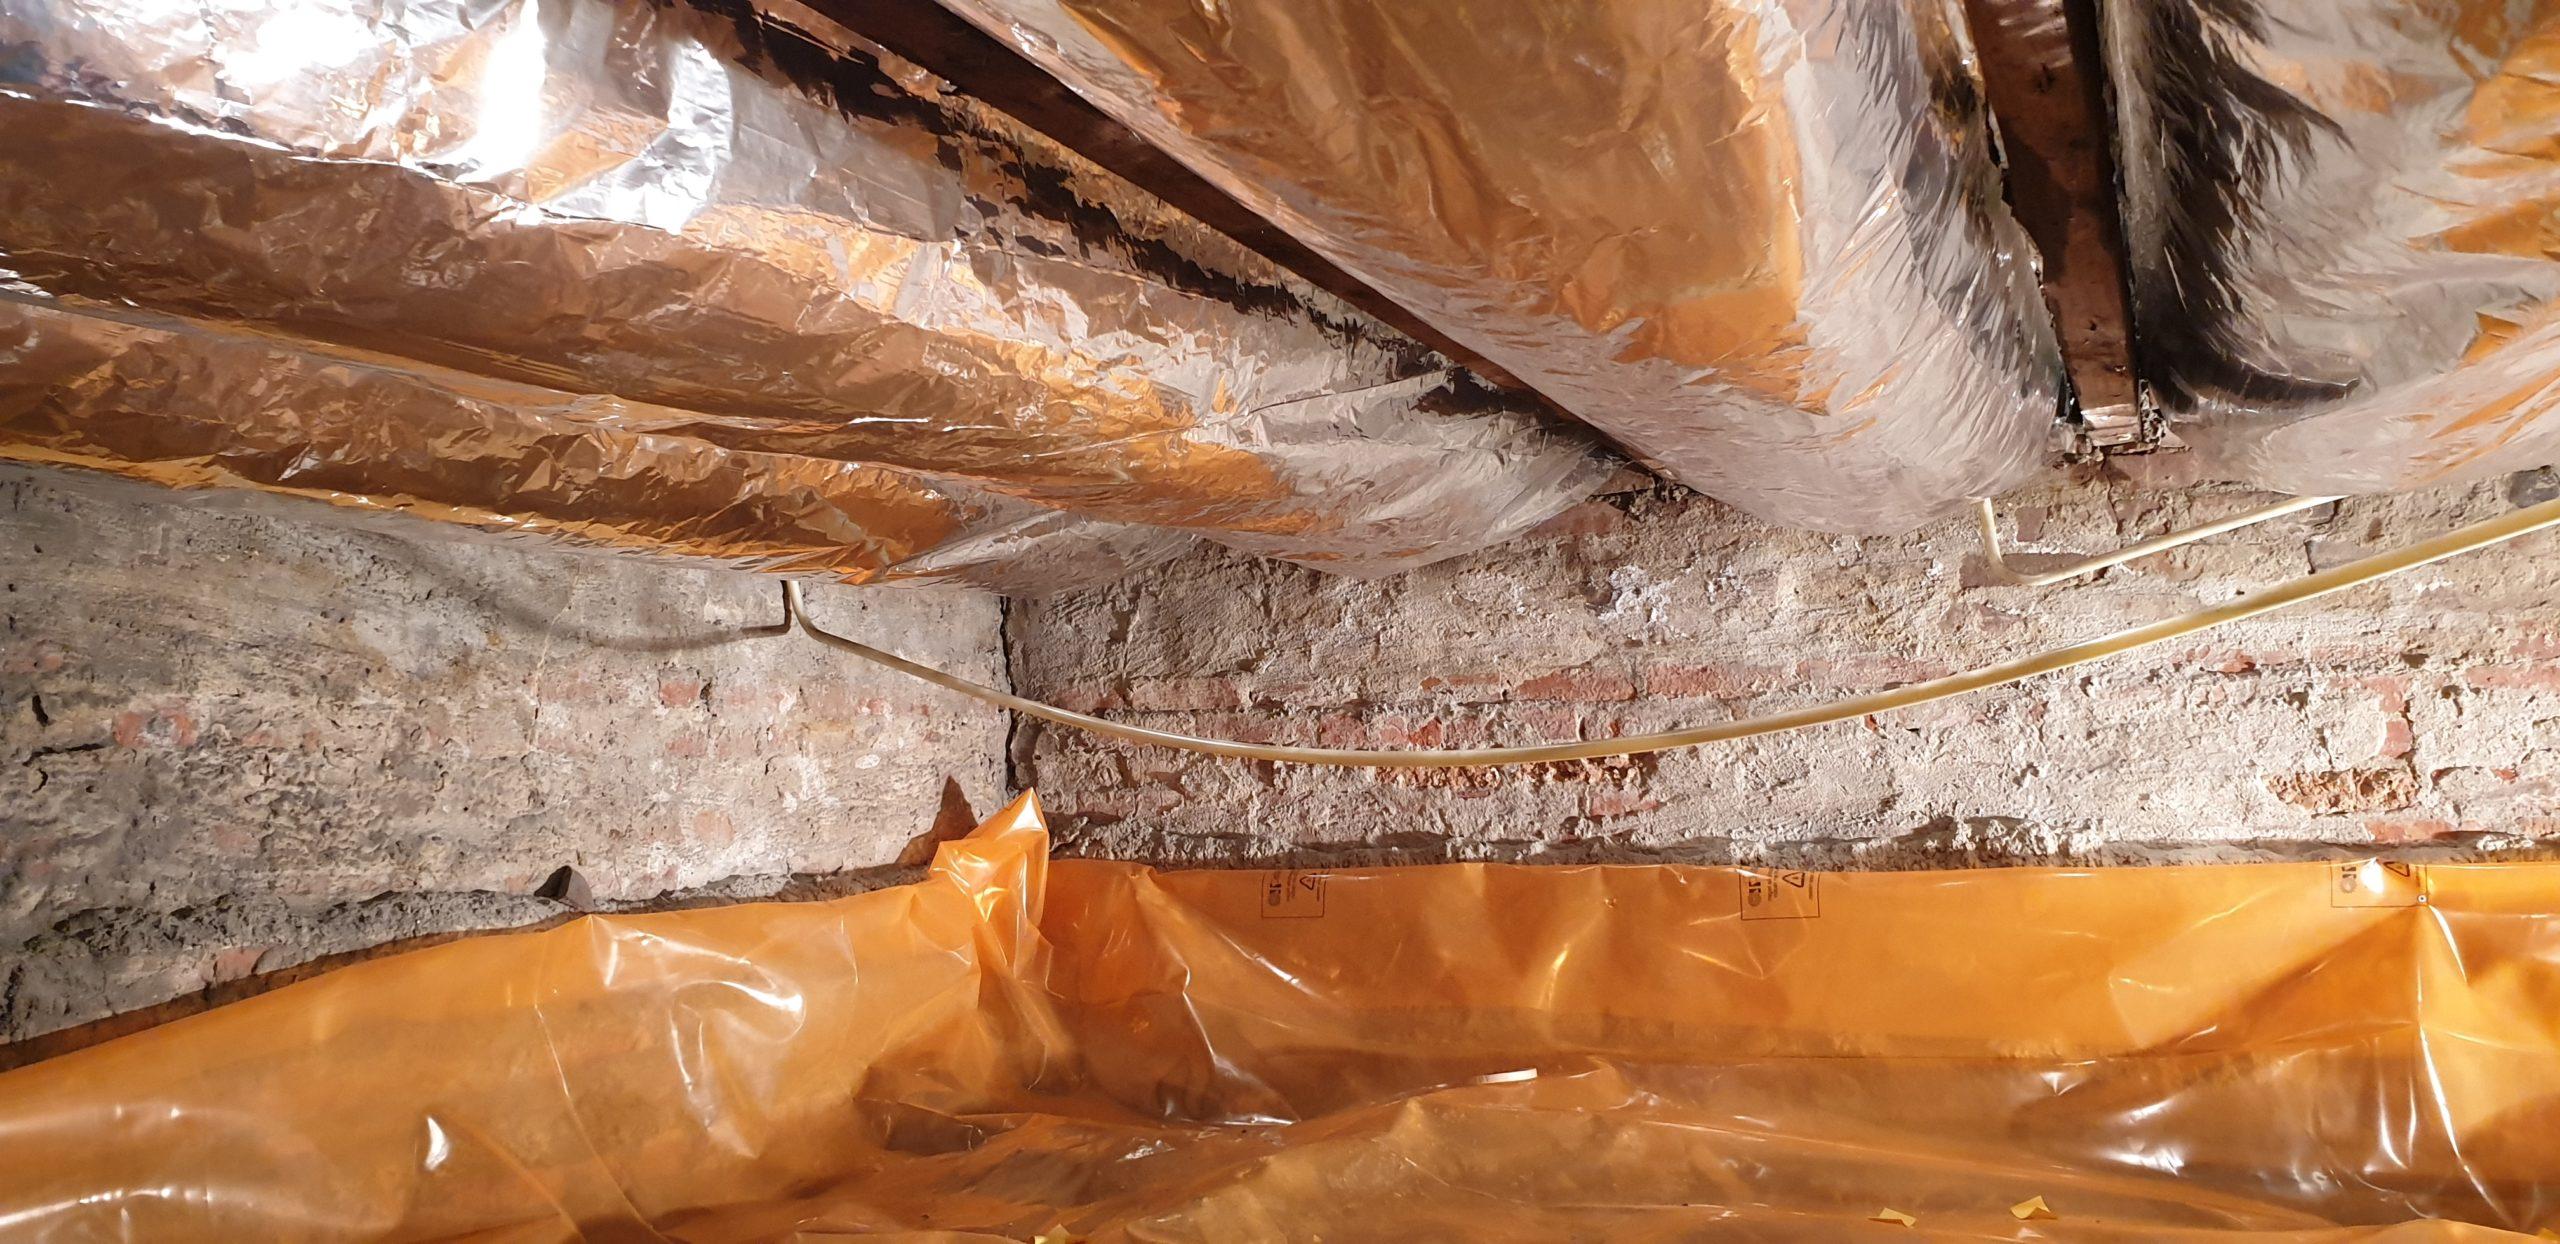 Vloerisolatie en bodemisolatie materialen